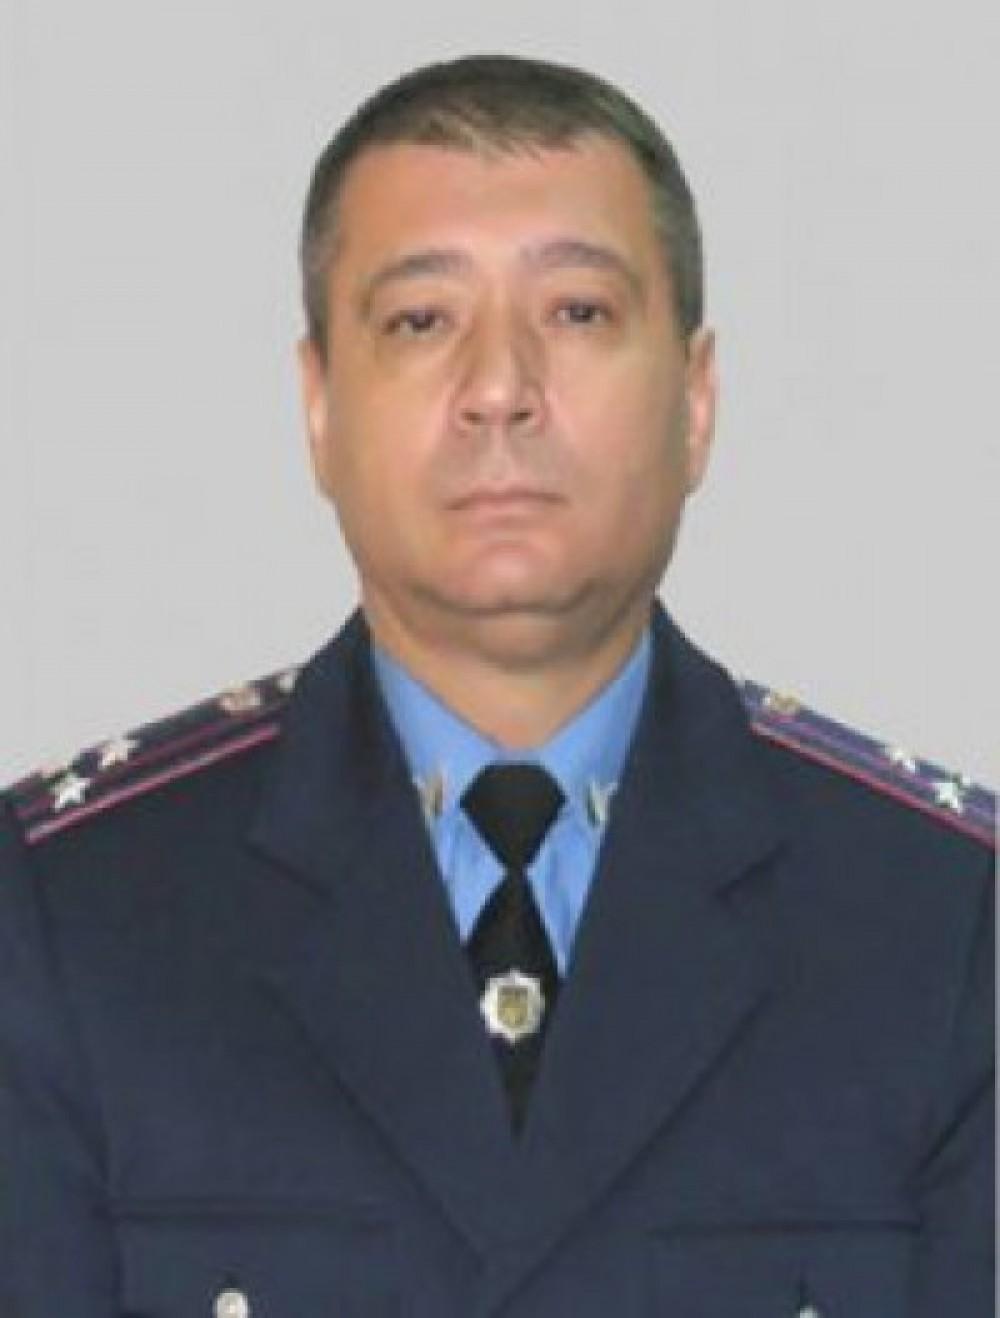 Кабмин согласовал кандидатуру нового главы  Белгород-Днестровской райадминистрации